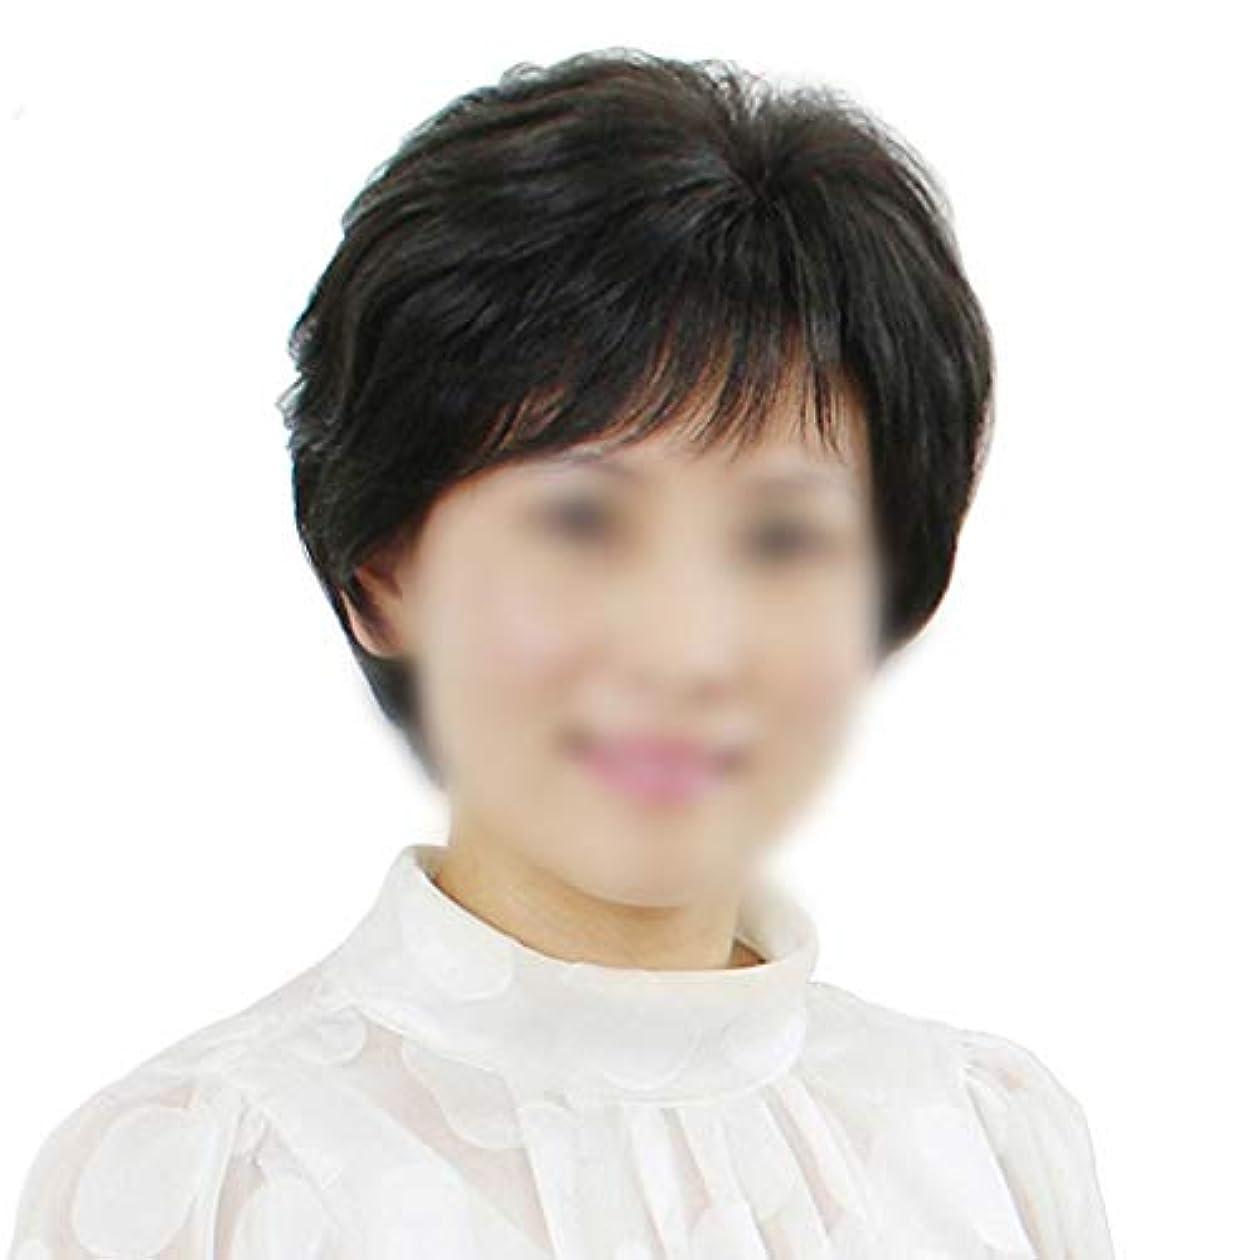 ボア現代決定するYOUQIU ウィッグレディショートヘア実在の人物髪ショートカーリー母ウィッグウィッグ中年 (色 : Dark brown, Design : Hand-woven heart)